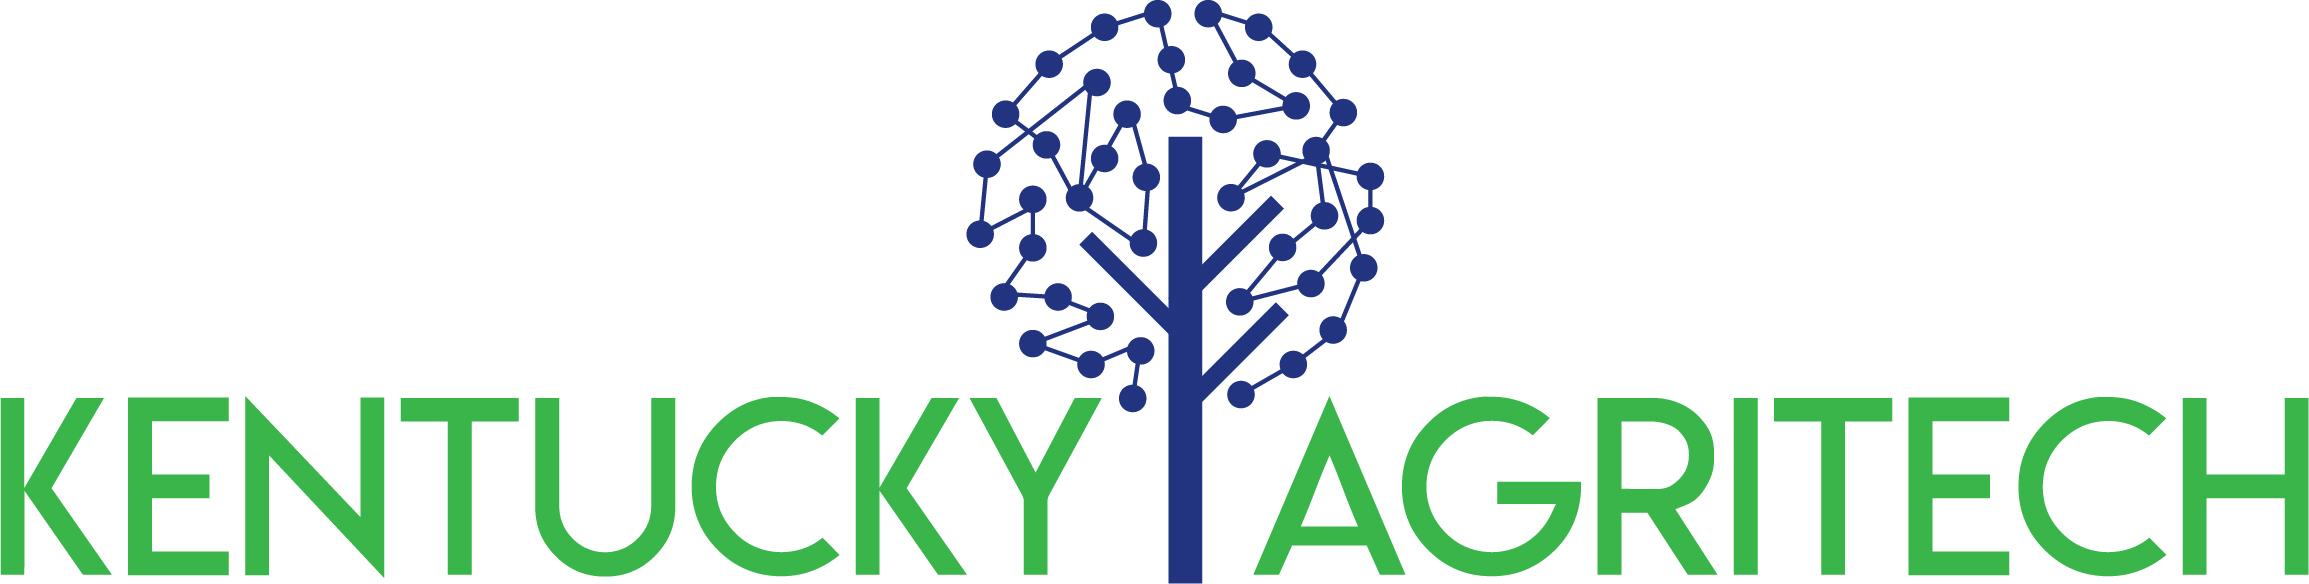 KY AgriTech